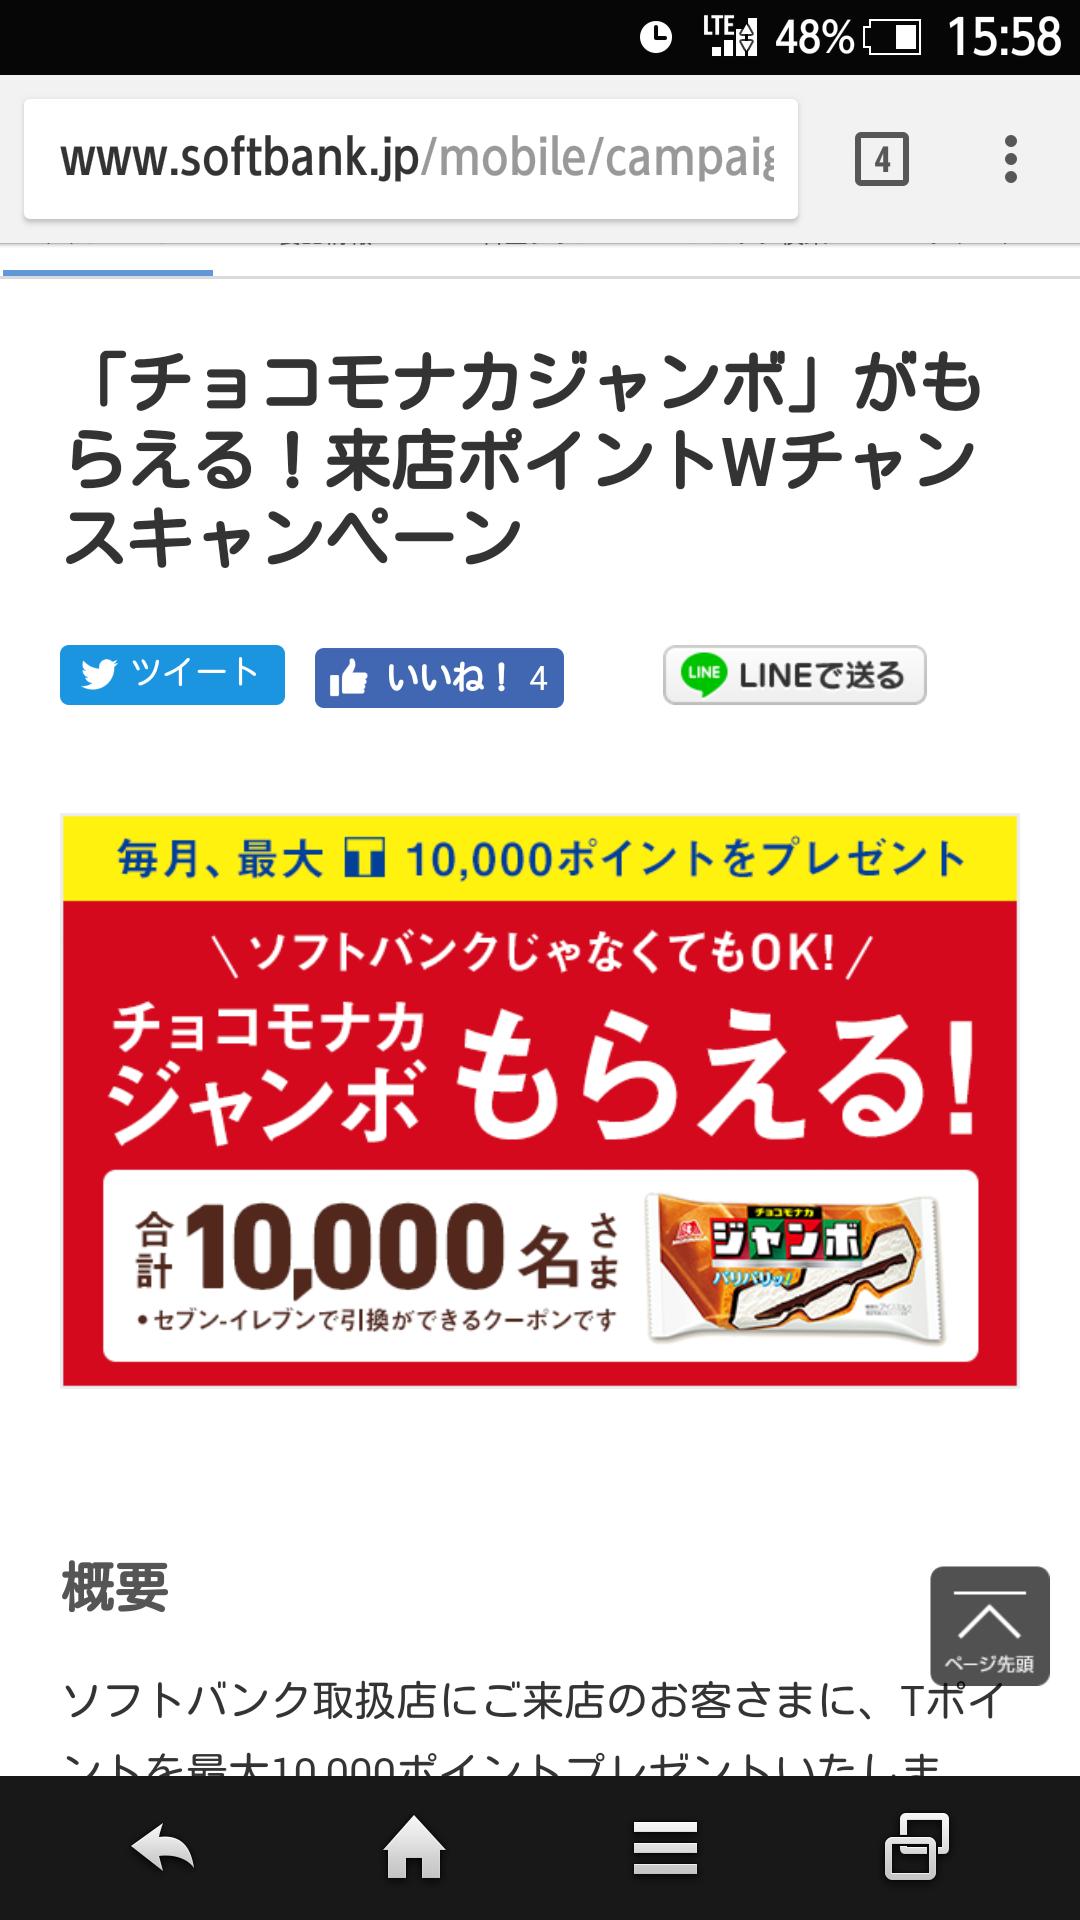 【Tポイント】ソフトバンクでチョコモナカジャンボGET♪5/31まで!